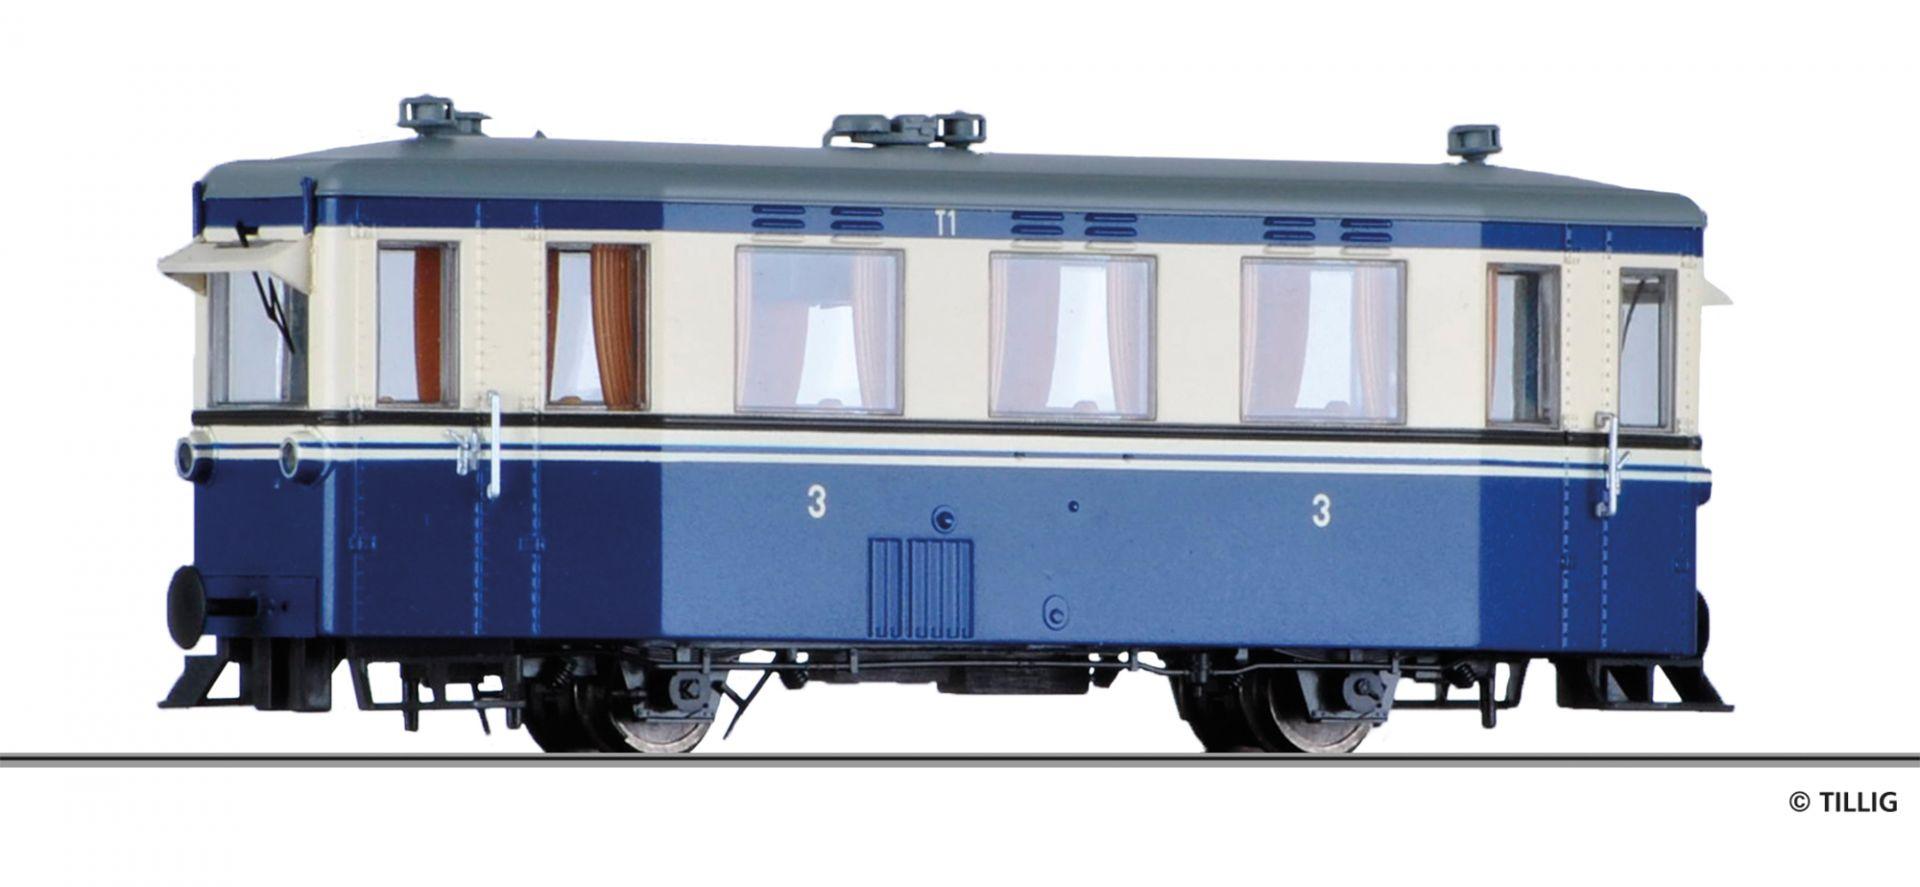 H0e Triebwagen T1 der MEG (Mittelbadische-Eisenbahn-Gesellschaft), Ep. III